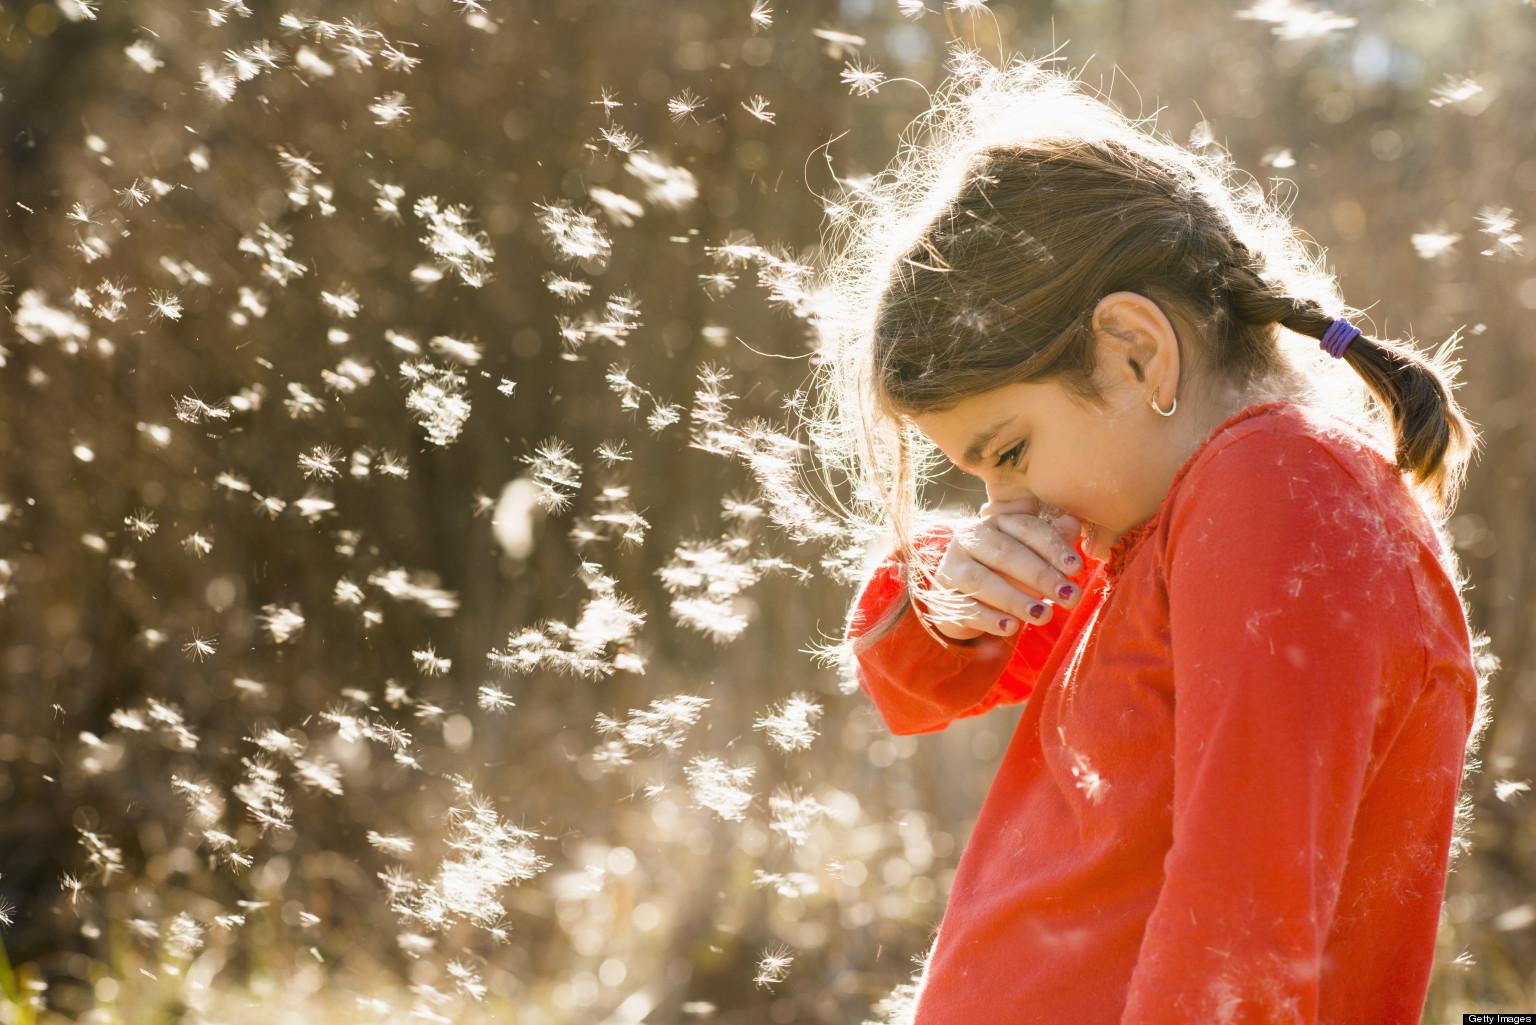 Що таке сезонна алергія та чому її прояви найчастіше спостерігаються у період цвітіння?